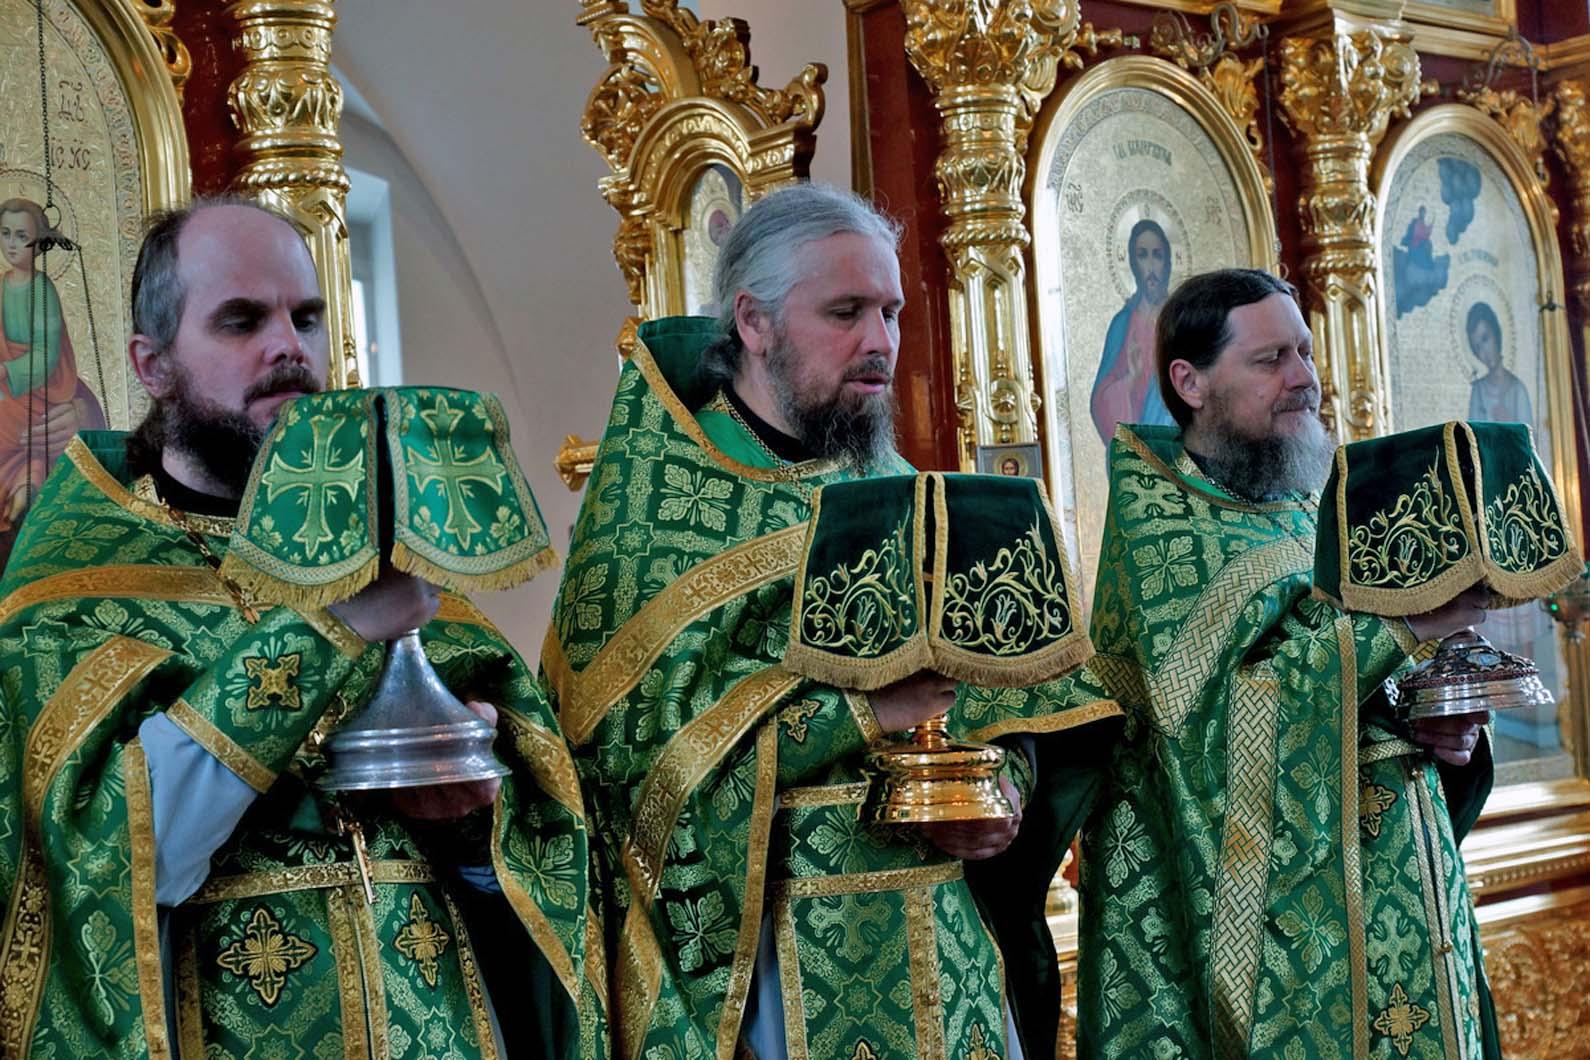 В Веркольском монастыре прошел праздник святого отрока Артемия Фоторепортаж. Часть вторая. Божественная литургия.